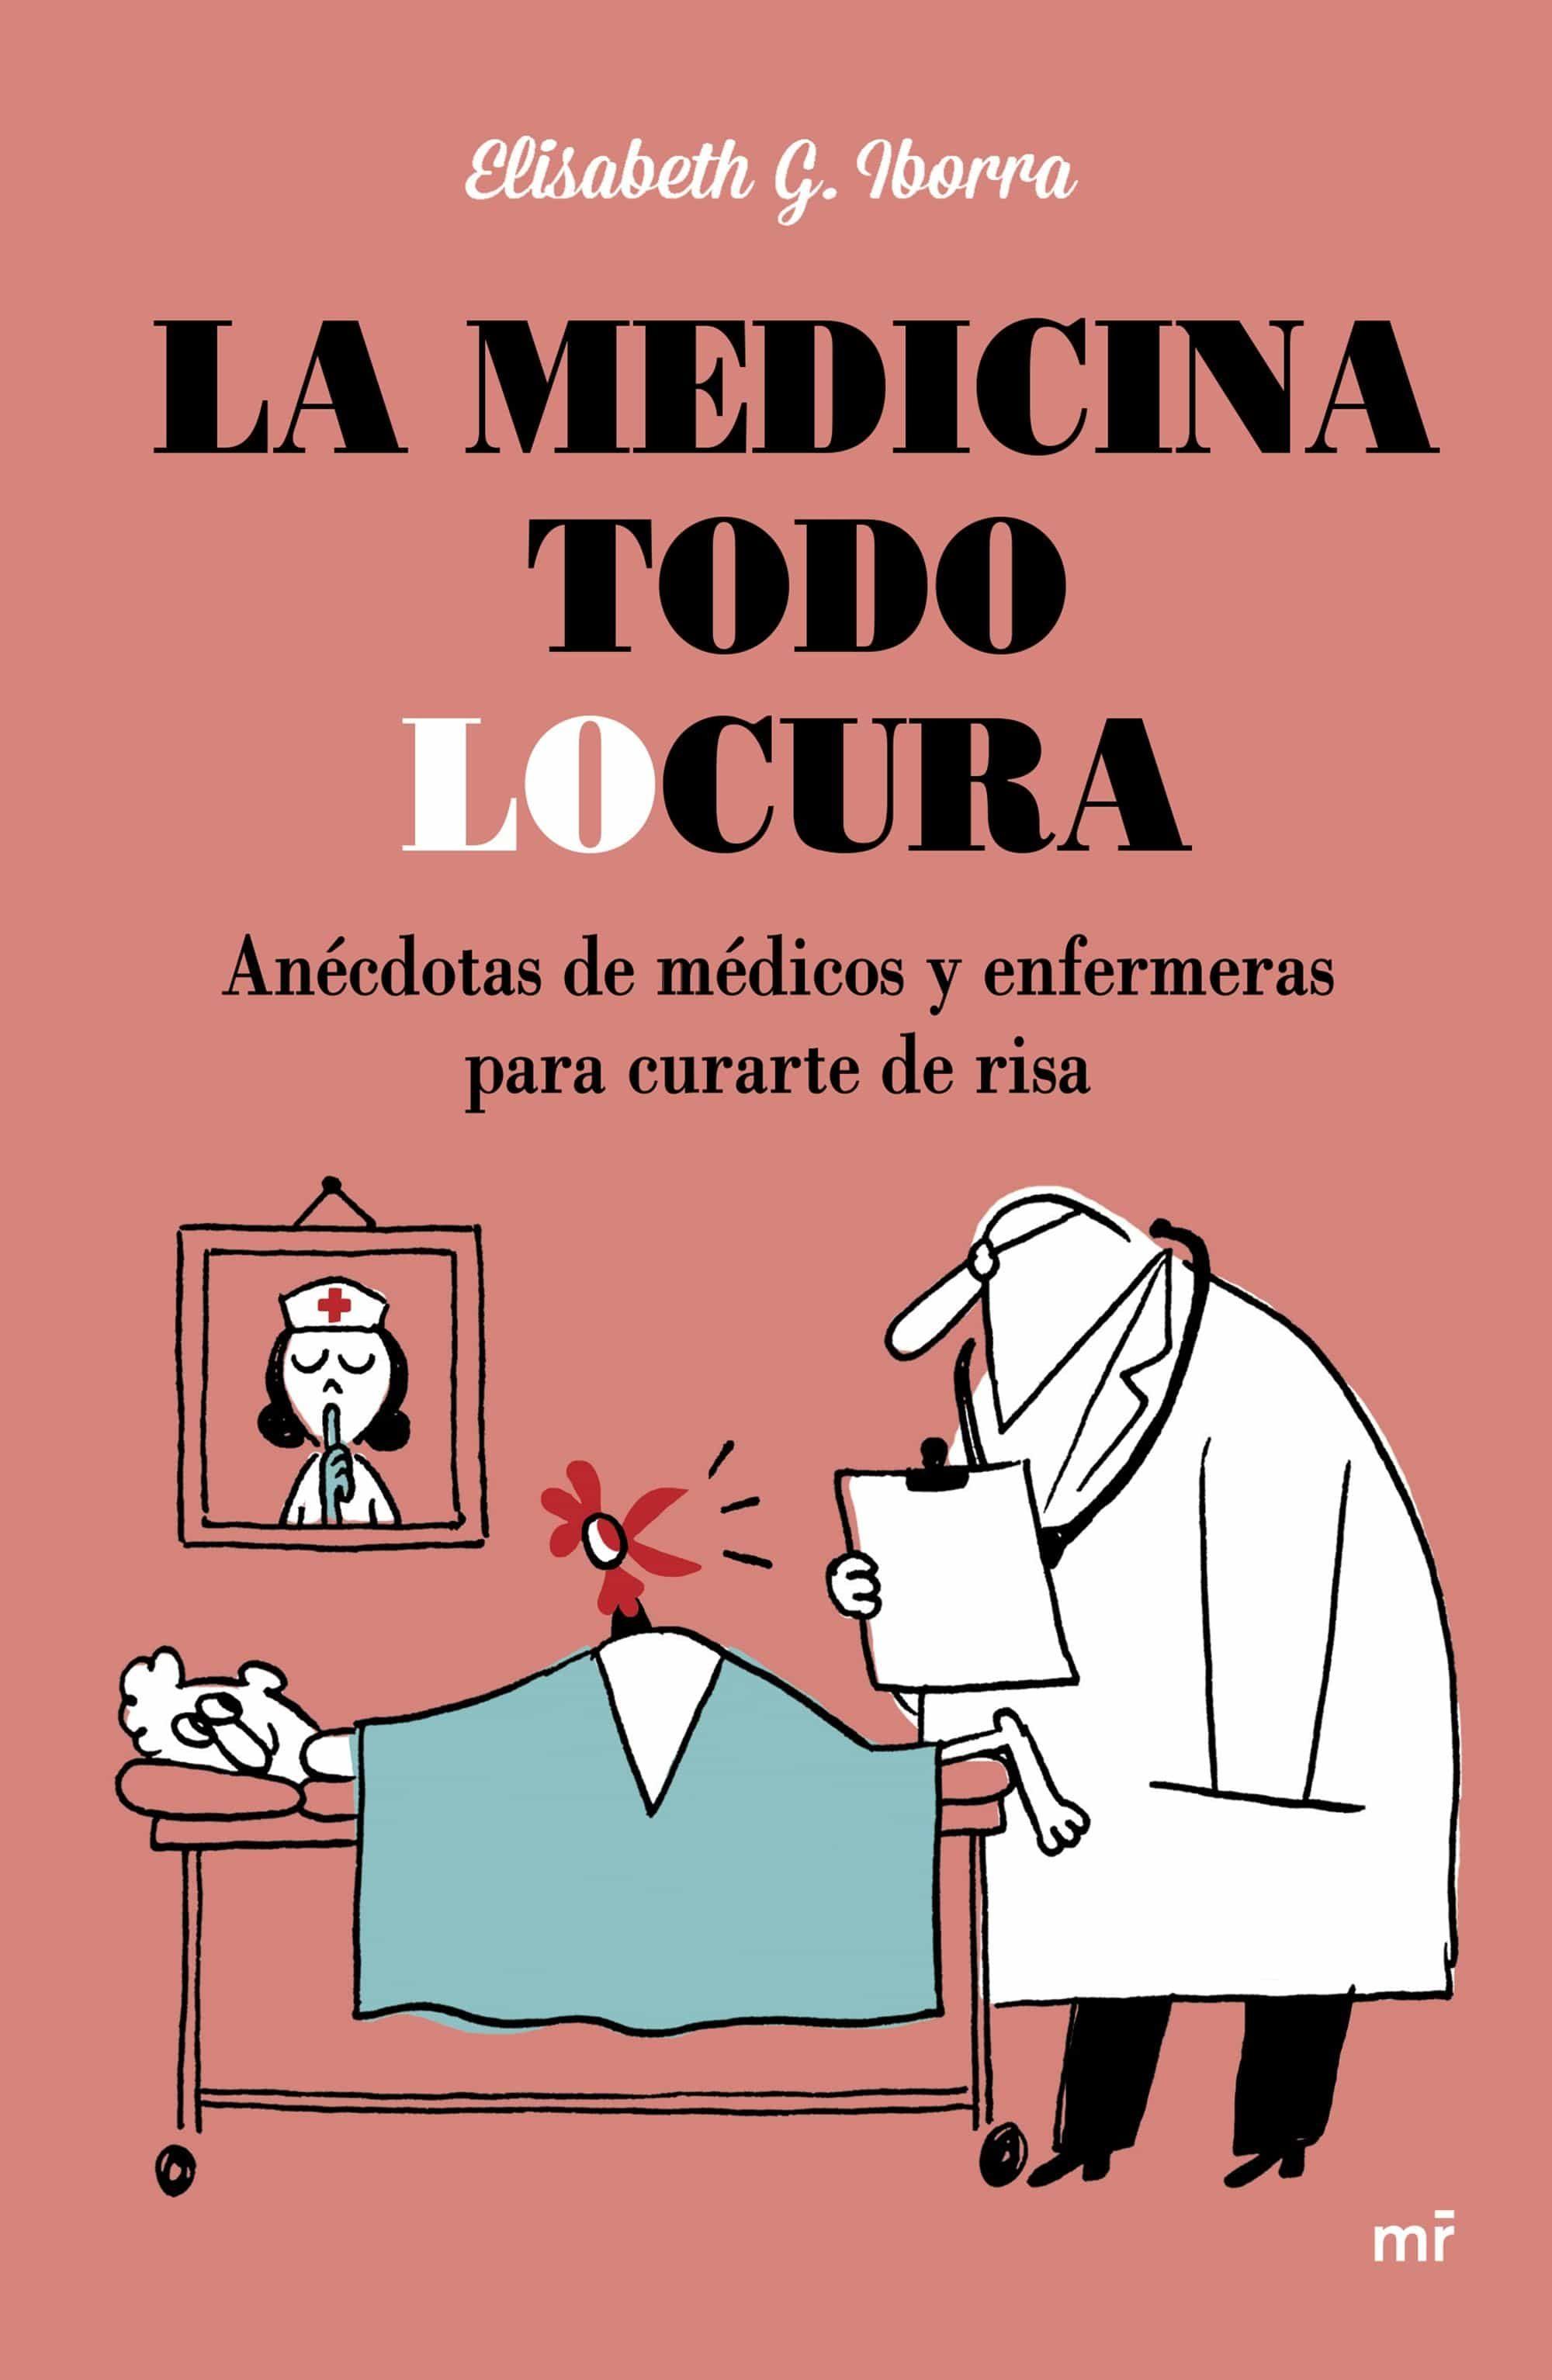 LA MEDICINA TODO LOCURA: ANECDOTAS DE MEDICOS Y ENFERMERAS PARA ...